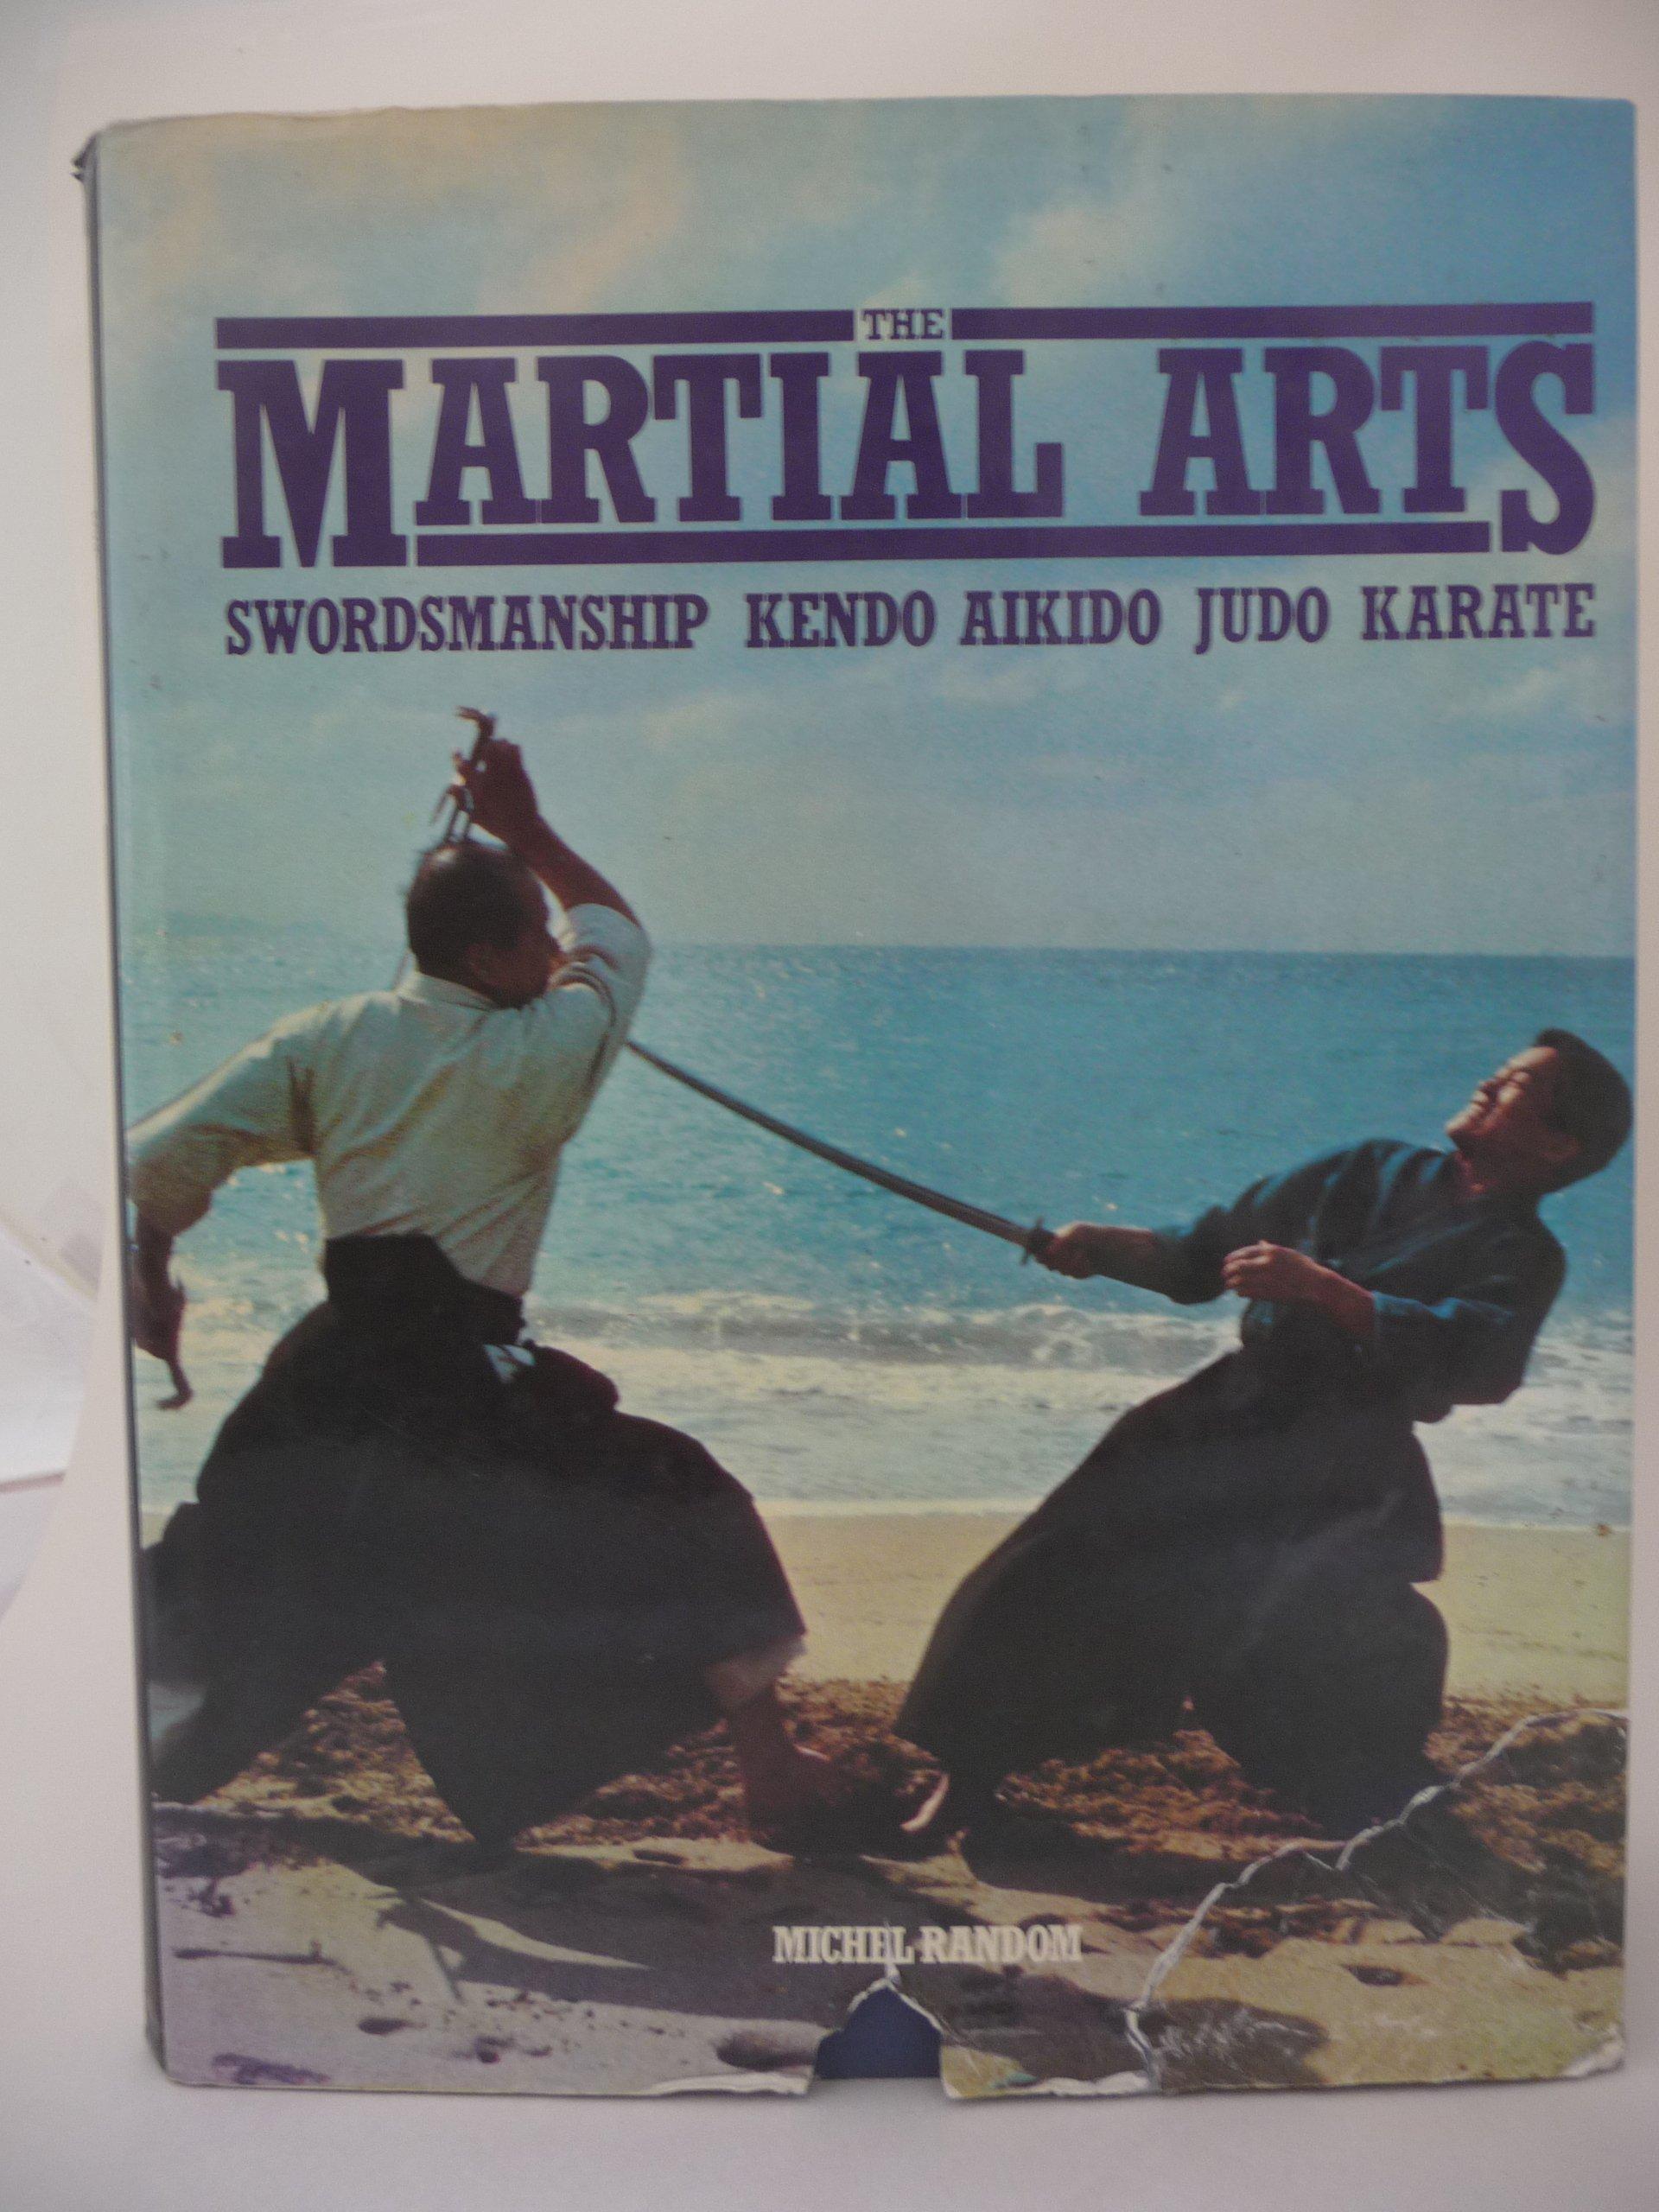 The Martial Arts: Random, Michel: 9780907408963: Amazon.com: Books